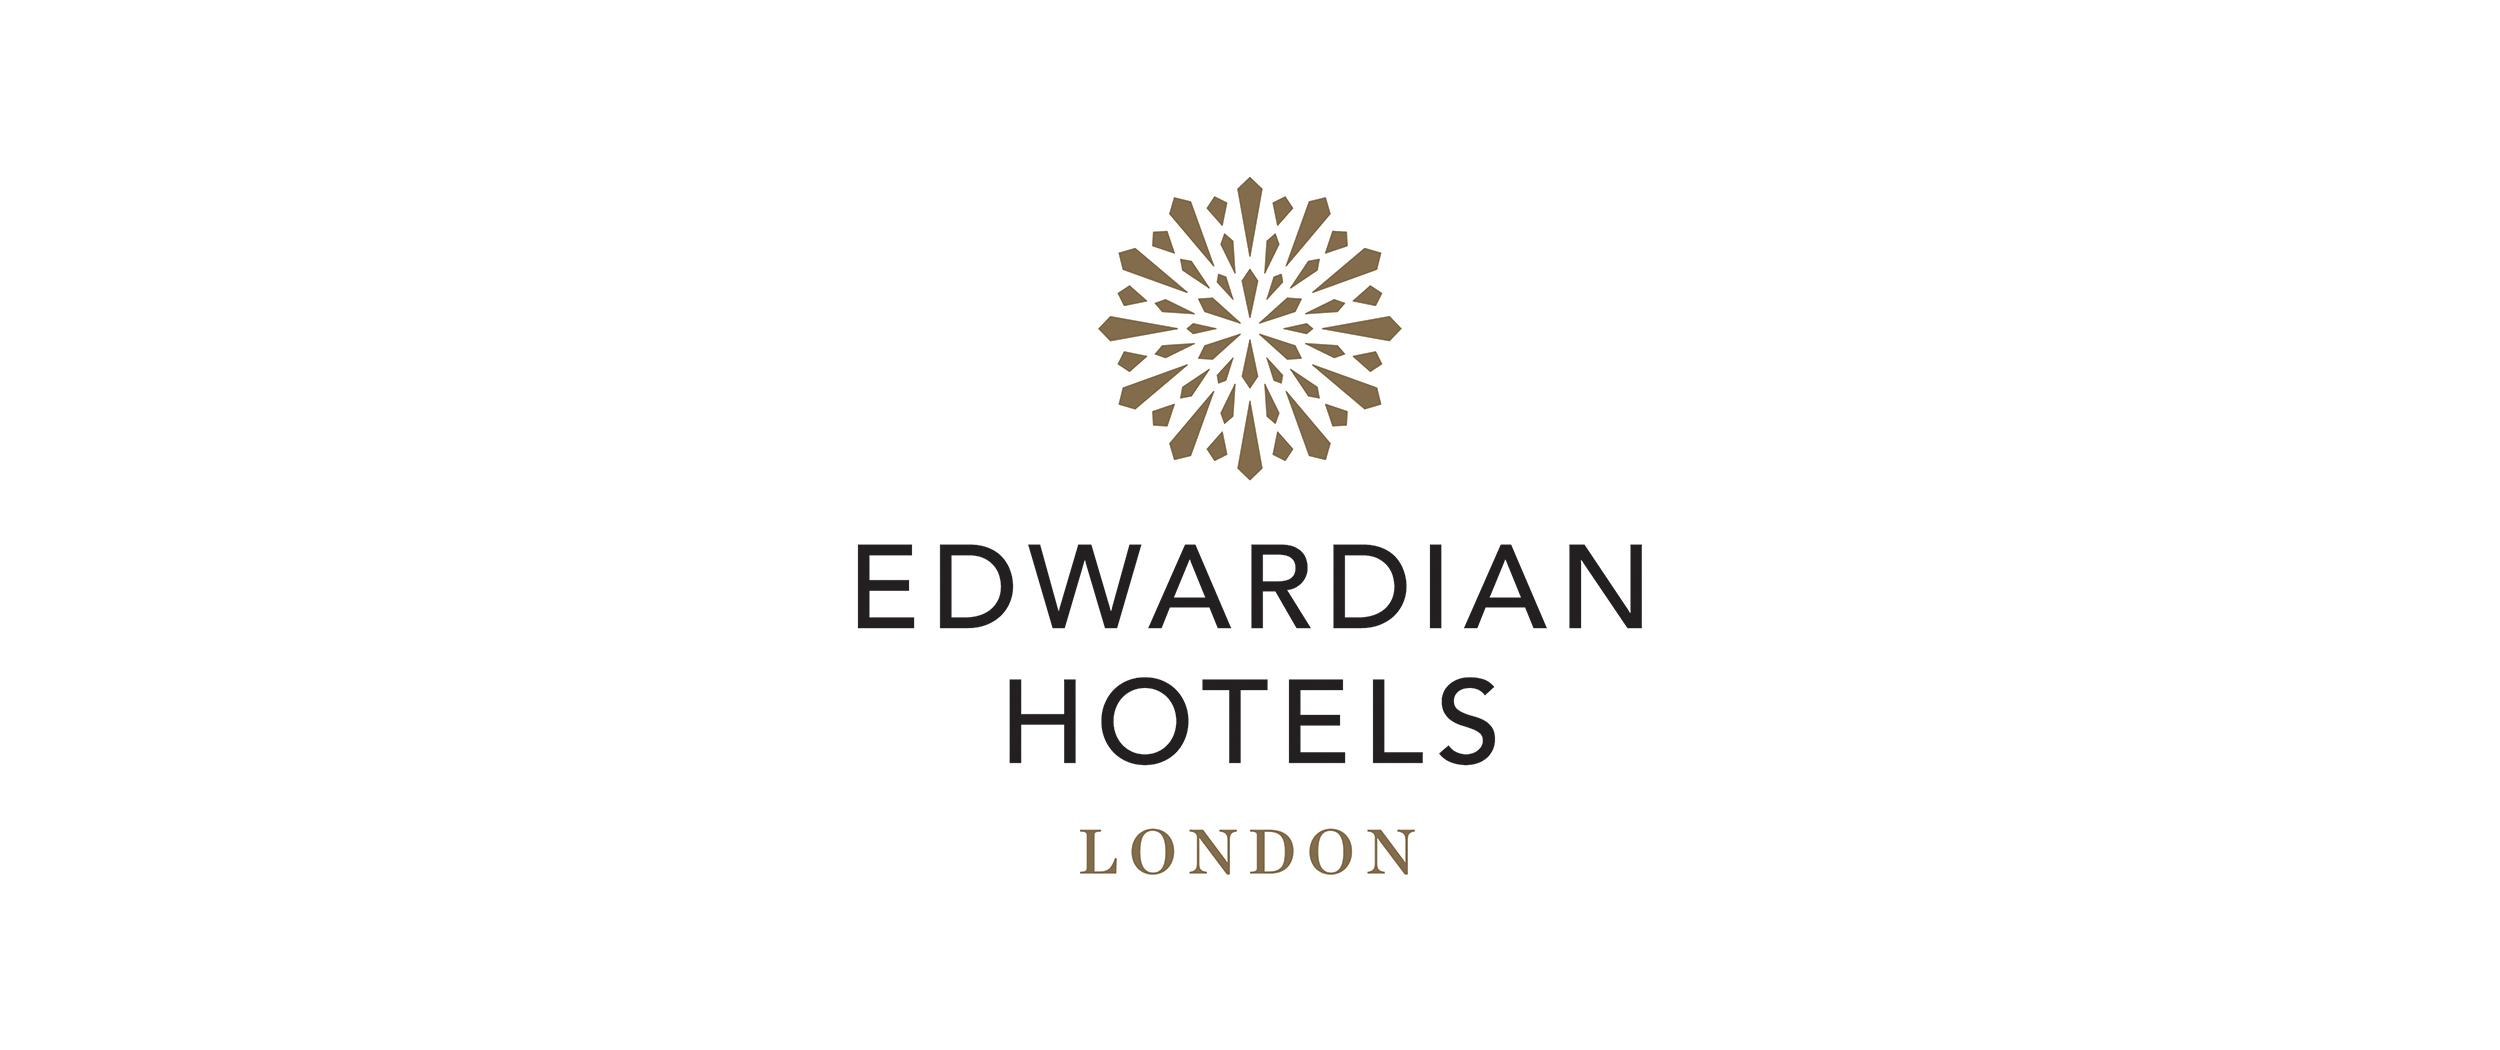 EDWARDIAN HOTELS LONDON_RGB_POS_.jpg